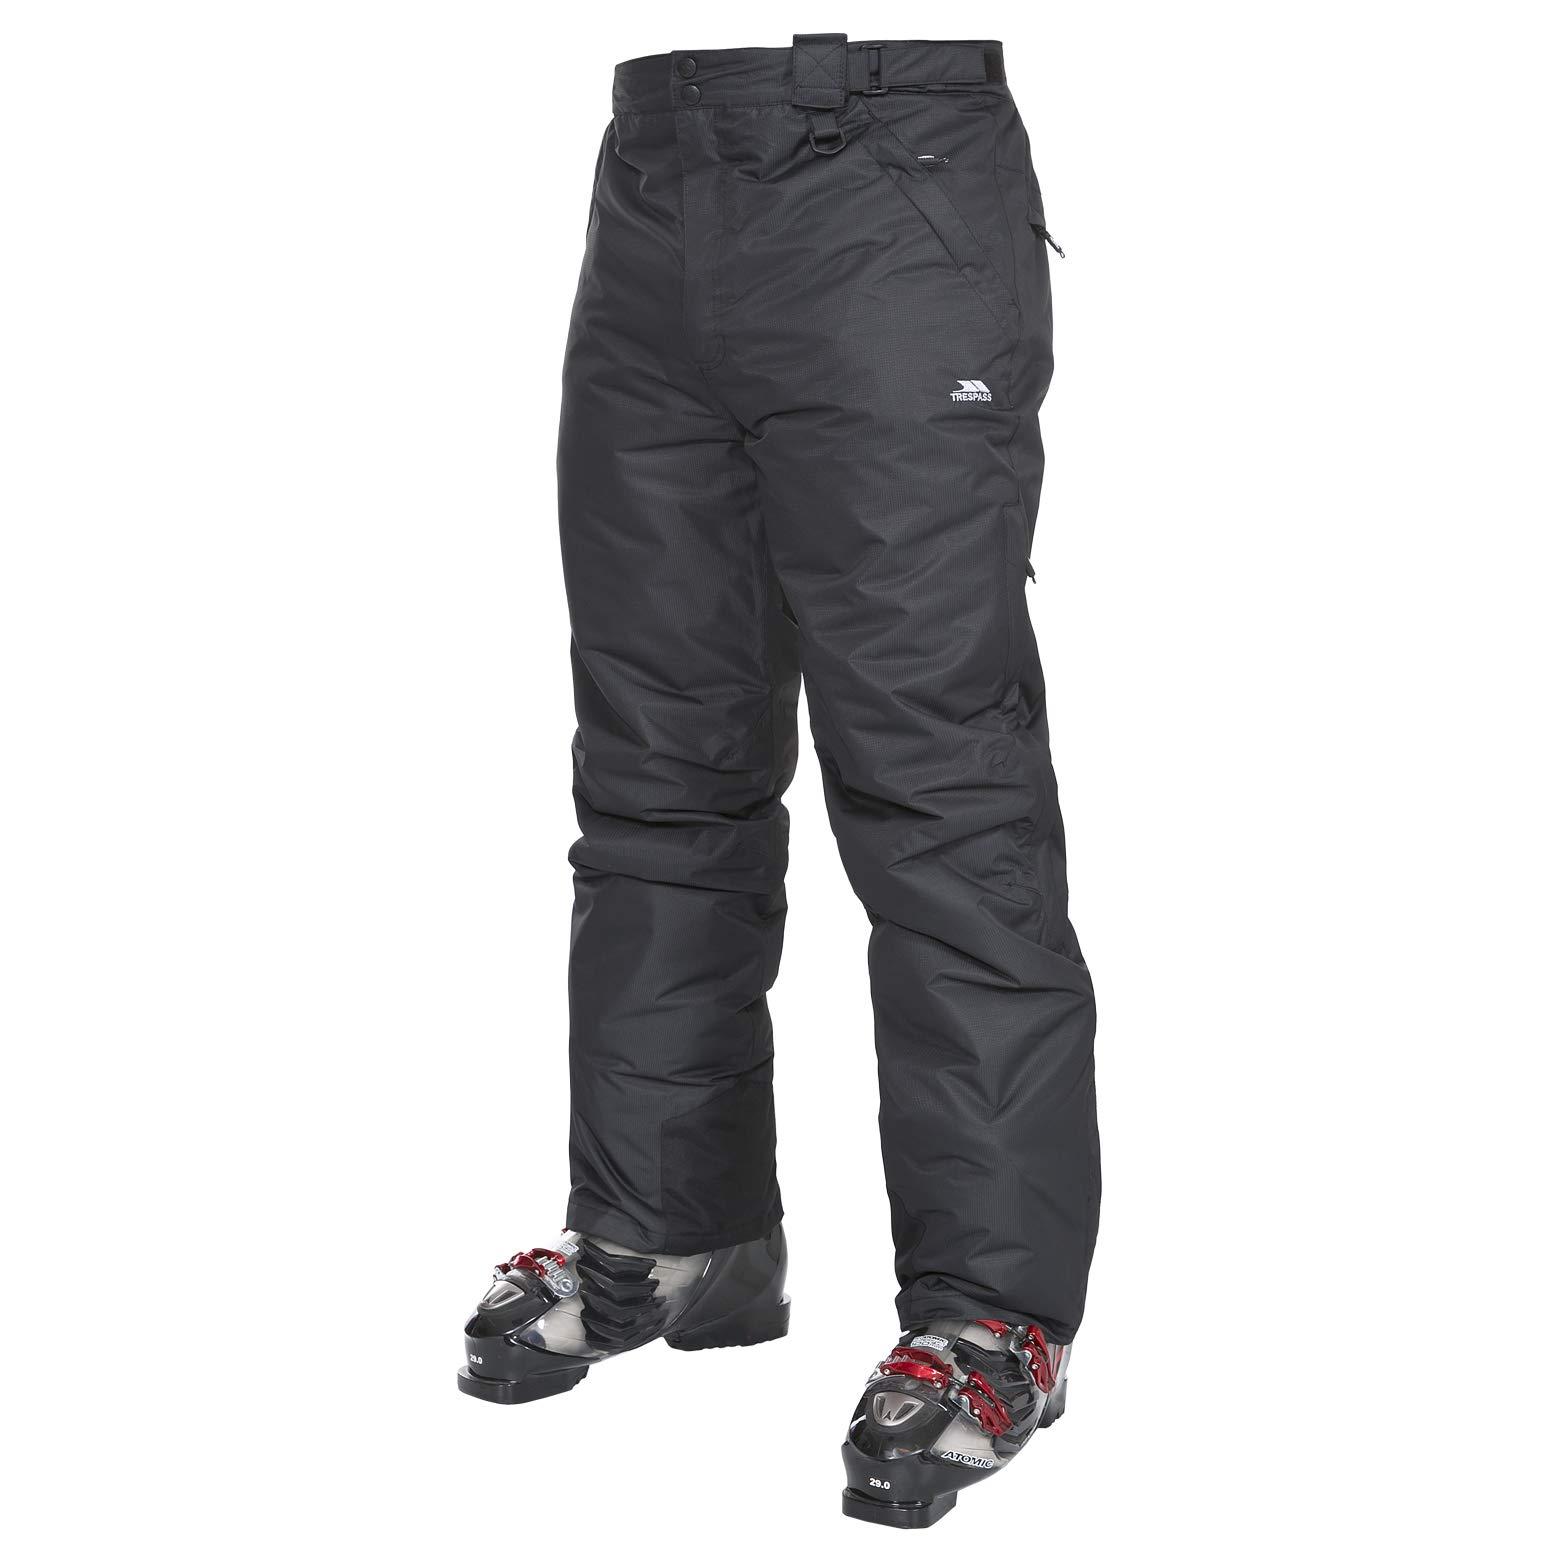 BEZZY Men's Ski Pants Black XS